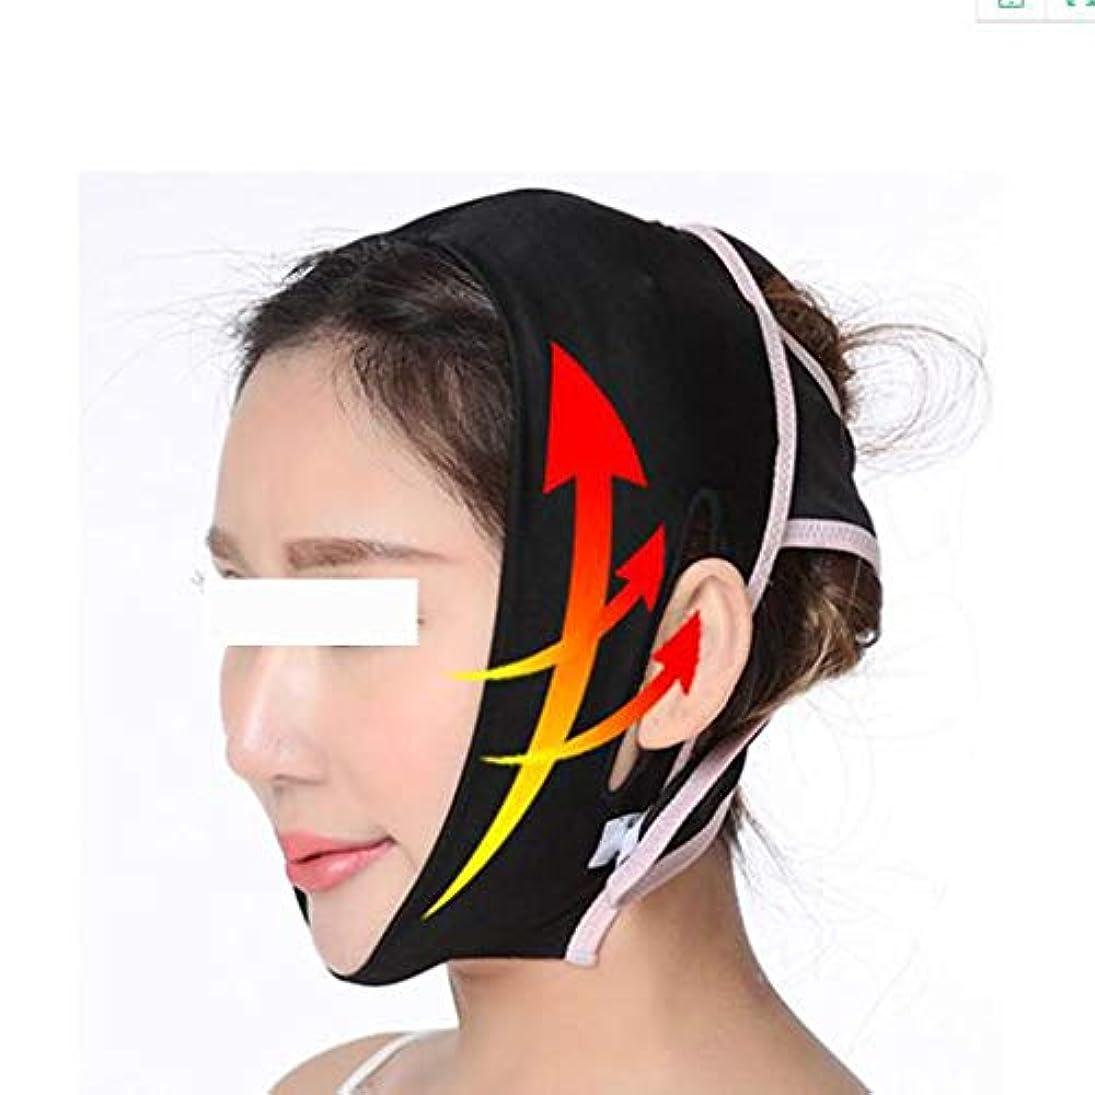 電極体現する視聴者V顔持ち上がる二重あご法律のパターンを削除する薄いV顔包帯 - 小さな顔マスク - 顔の形